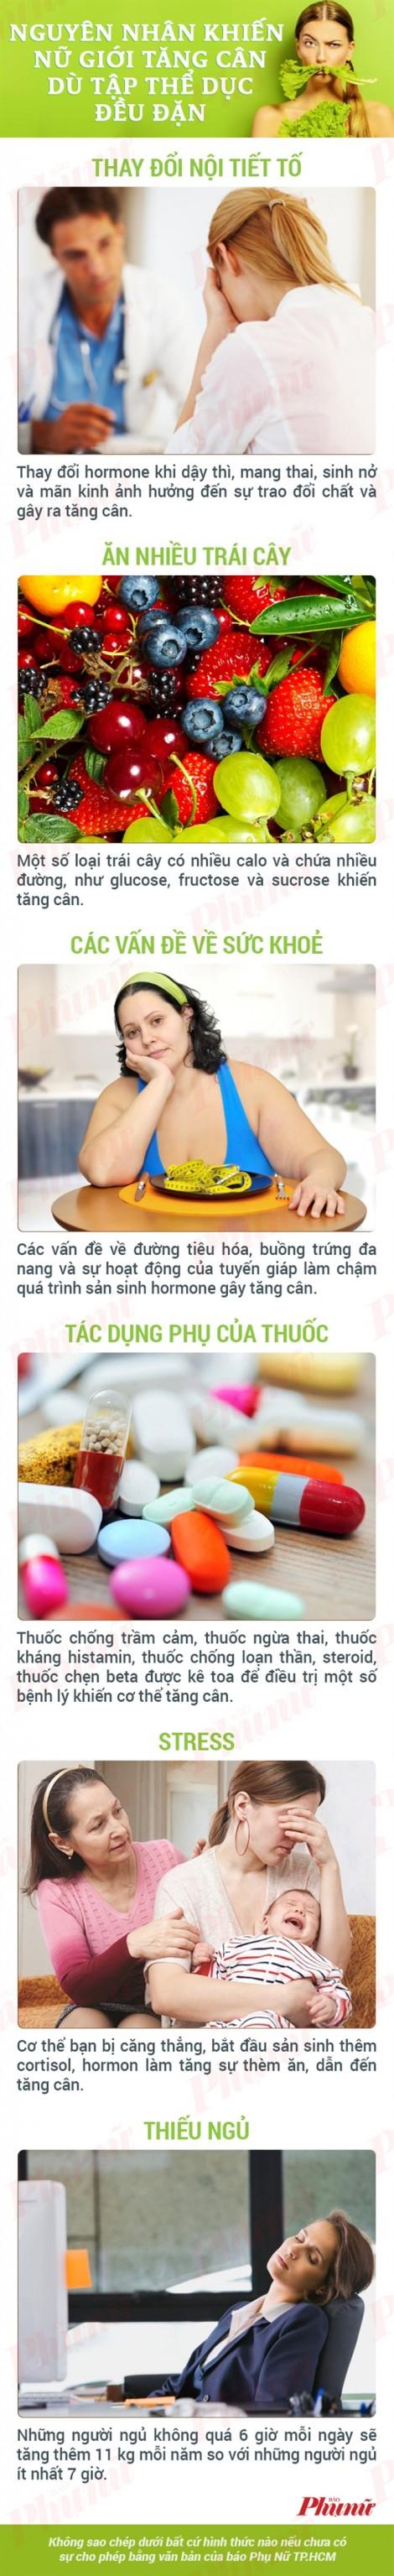 Nguyên nhân khiến chị em vẫn tăng cân dù tập thể dục thường xuyên